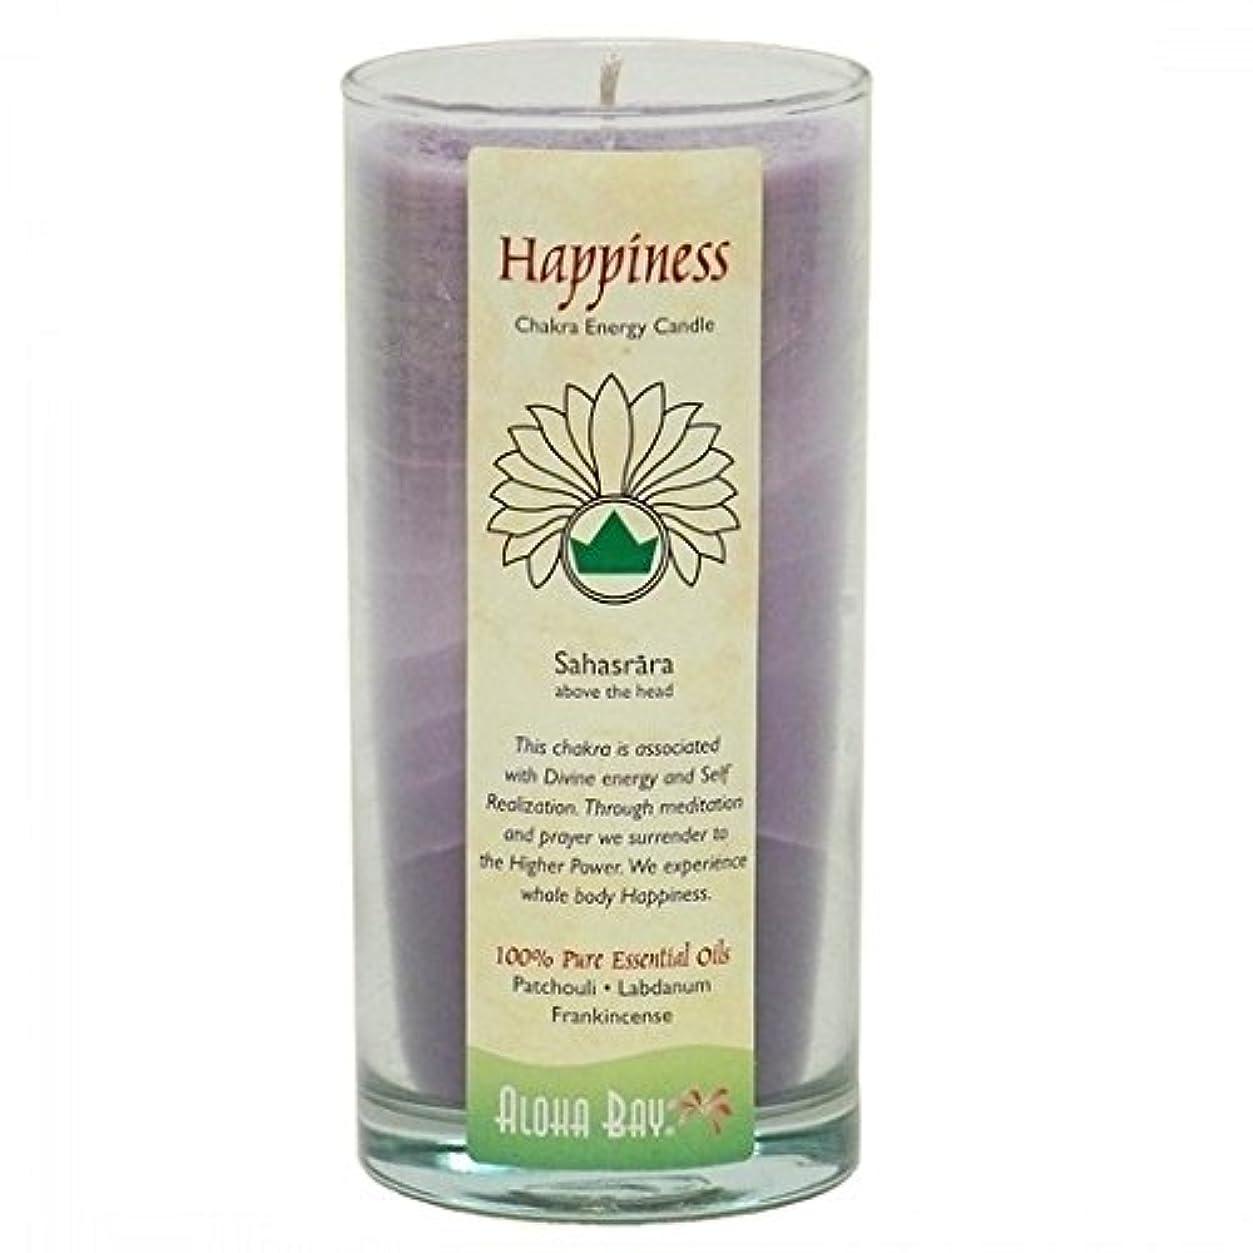 多様性スタジオ頭海外直送品Candle Chakra Jar, Happiness 11 oz by Aloha Bay